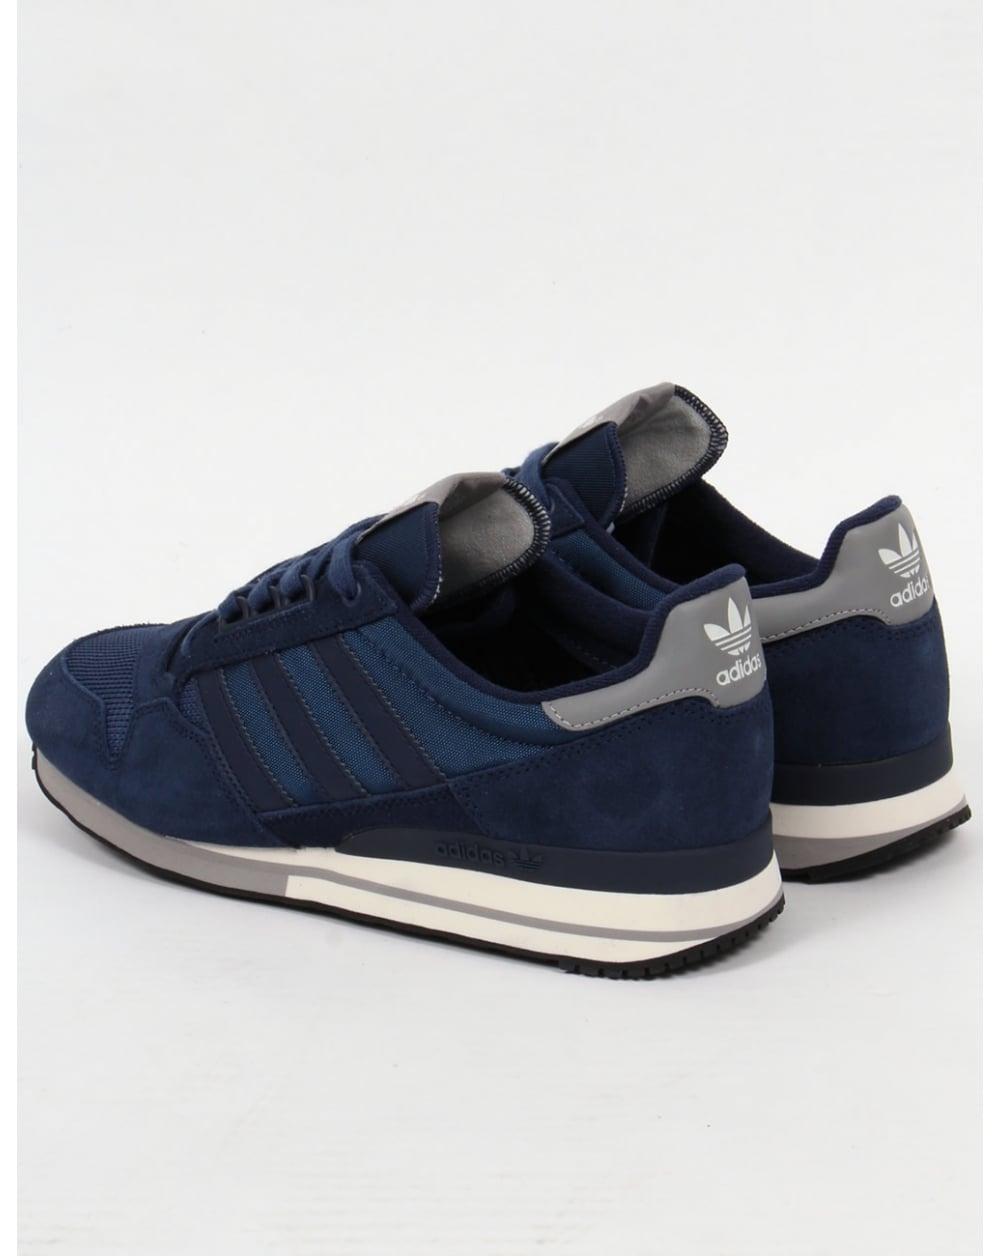 Adidas Zx 500 Y Mientras Los Formadores YMMZ3